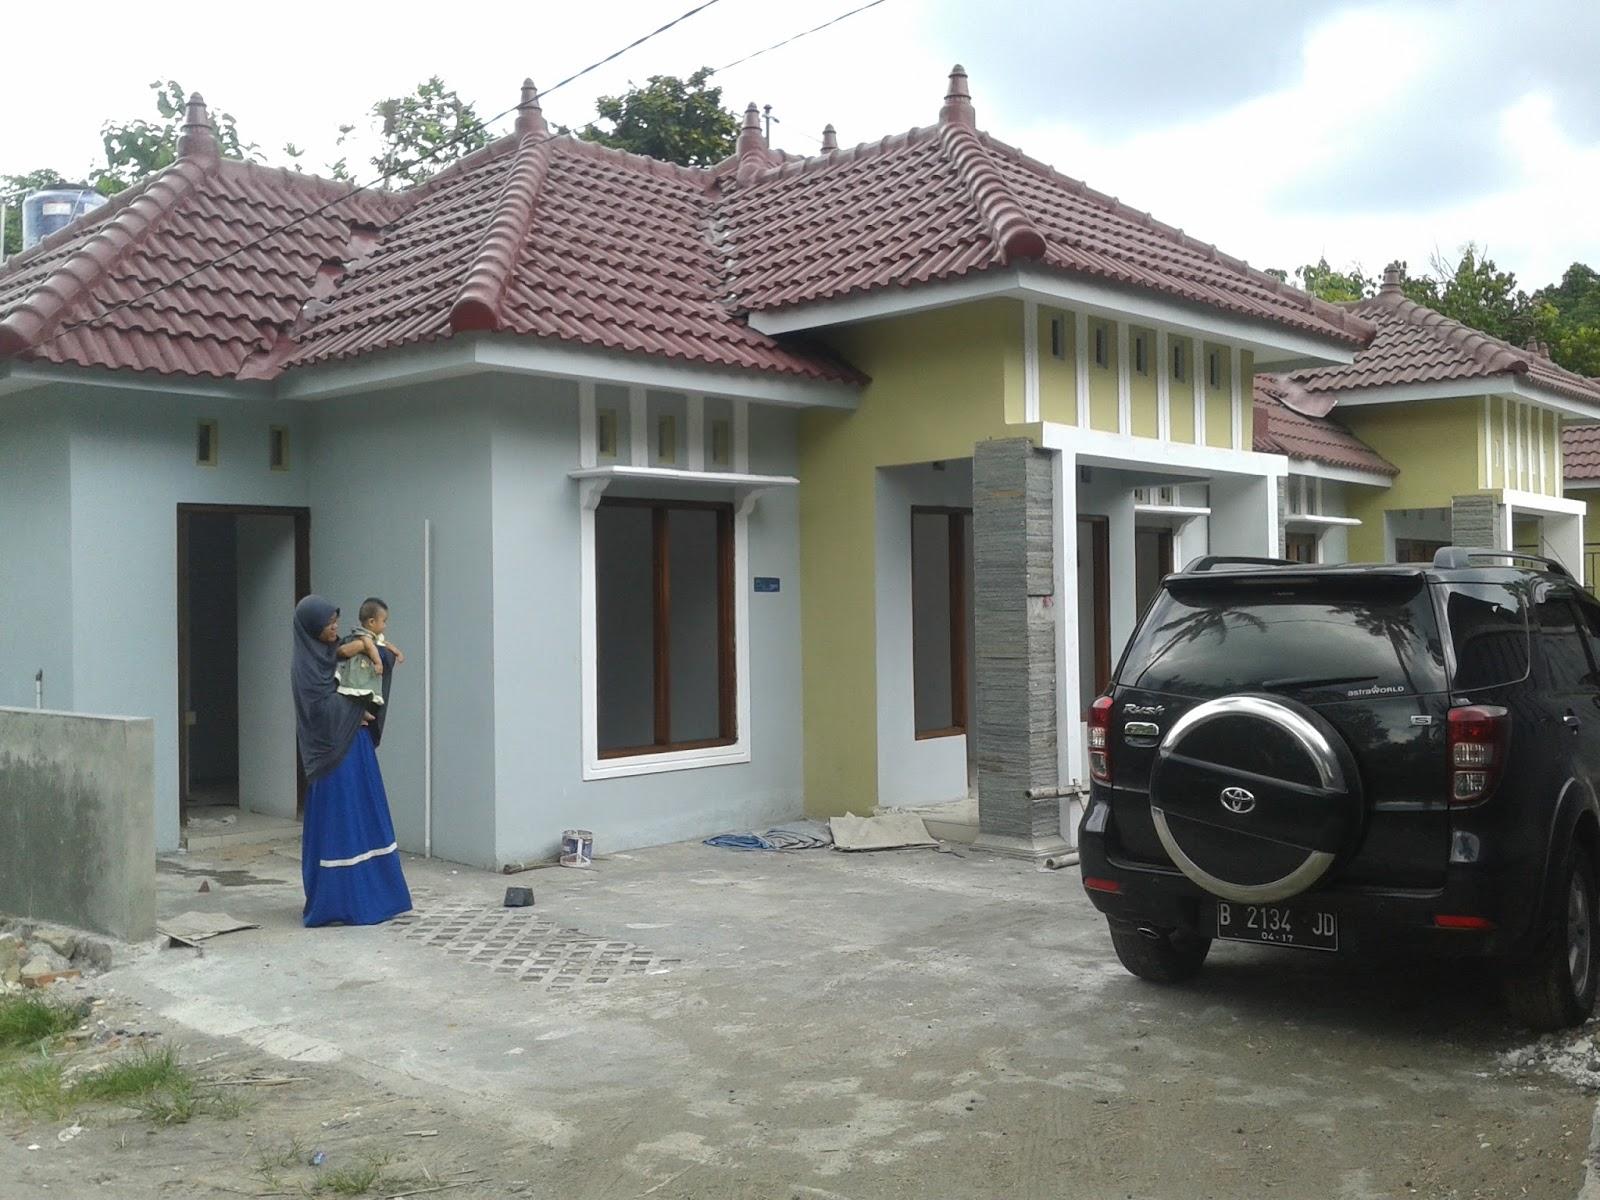 Jual rumah murah di Jogjakarta Yogyakarta